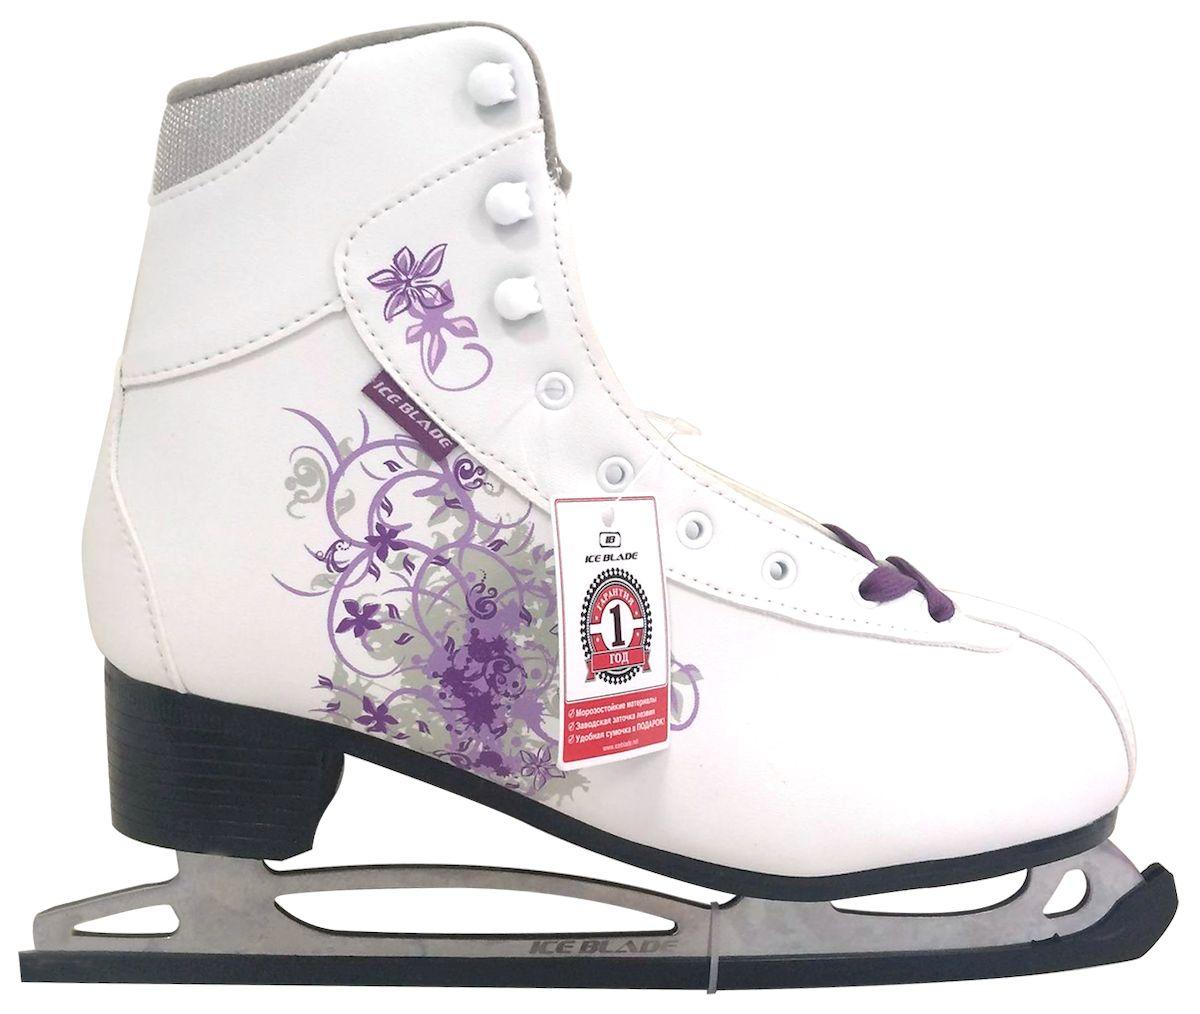 Коньки фигурные Ice Blade Sochi, цвет: белый, фиолетовый. УТ-00004988. Размер 39